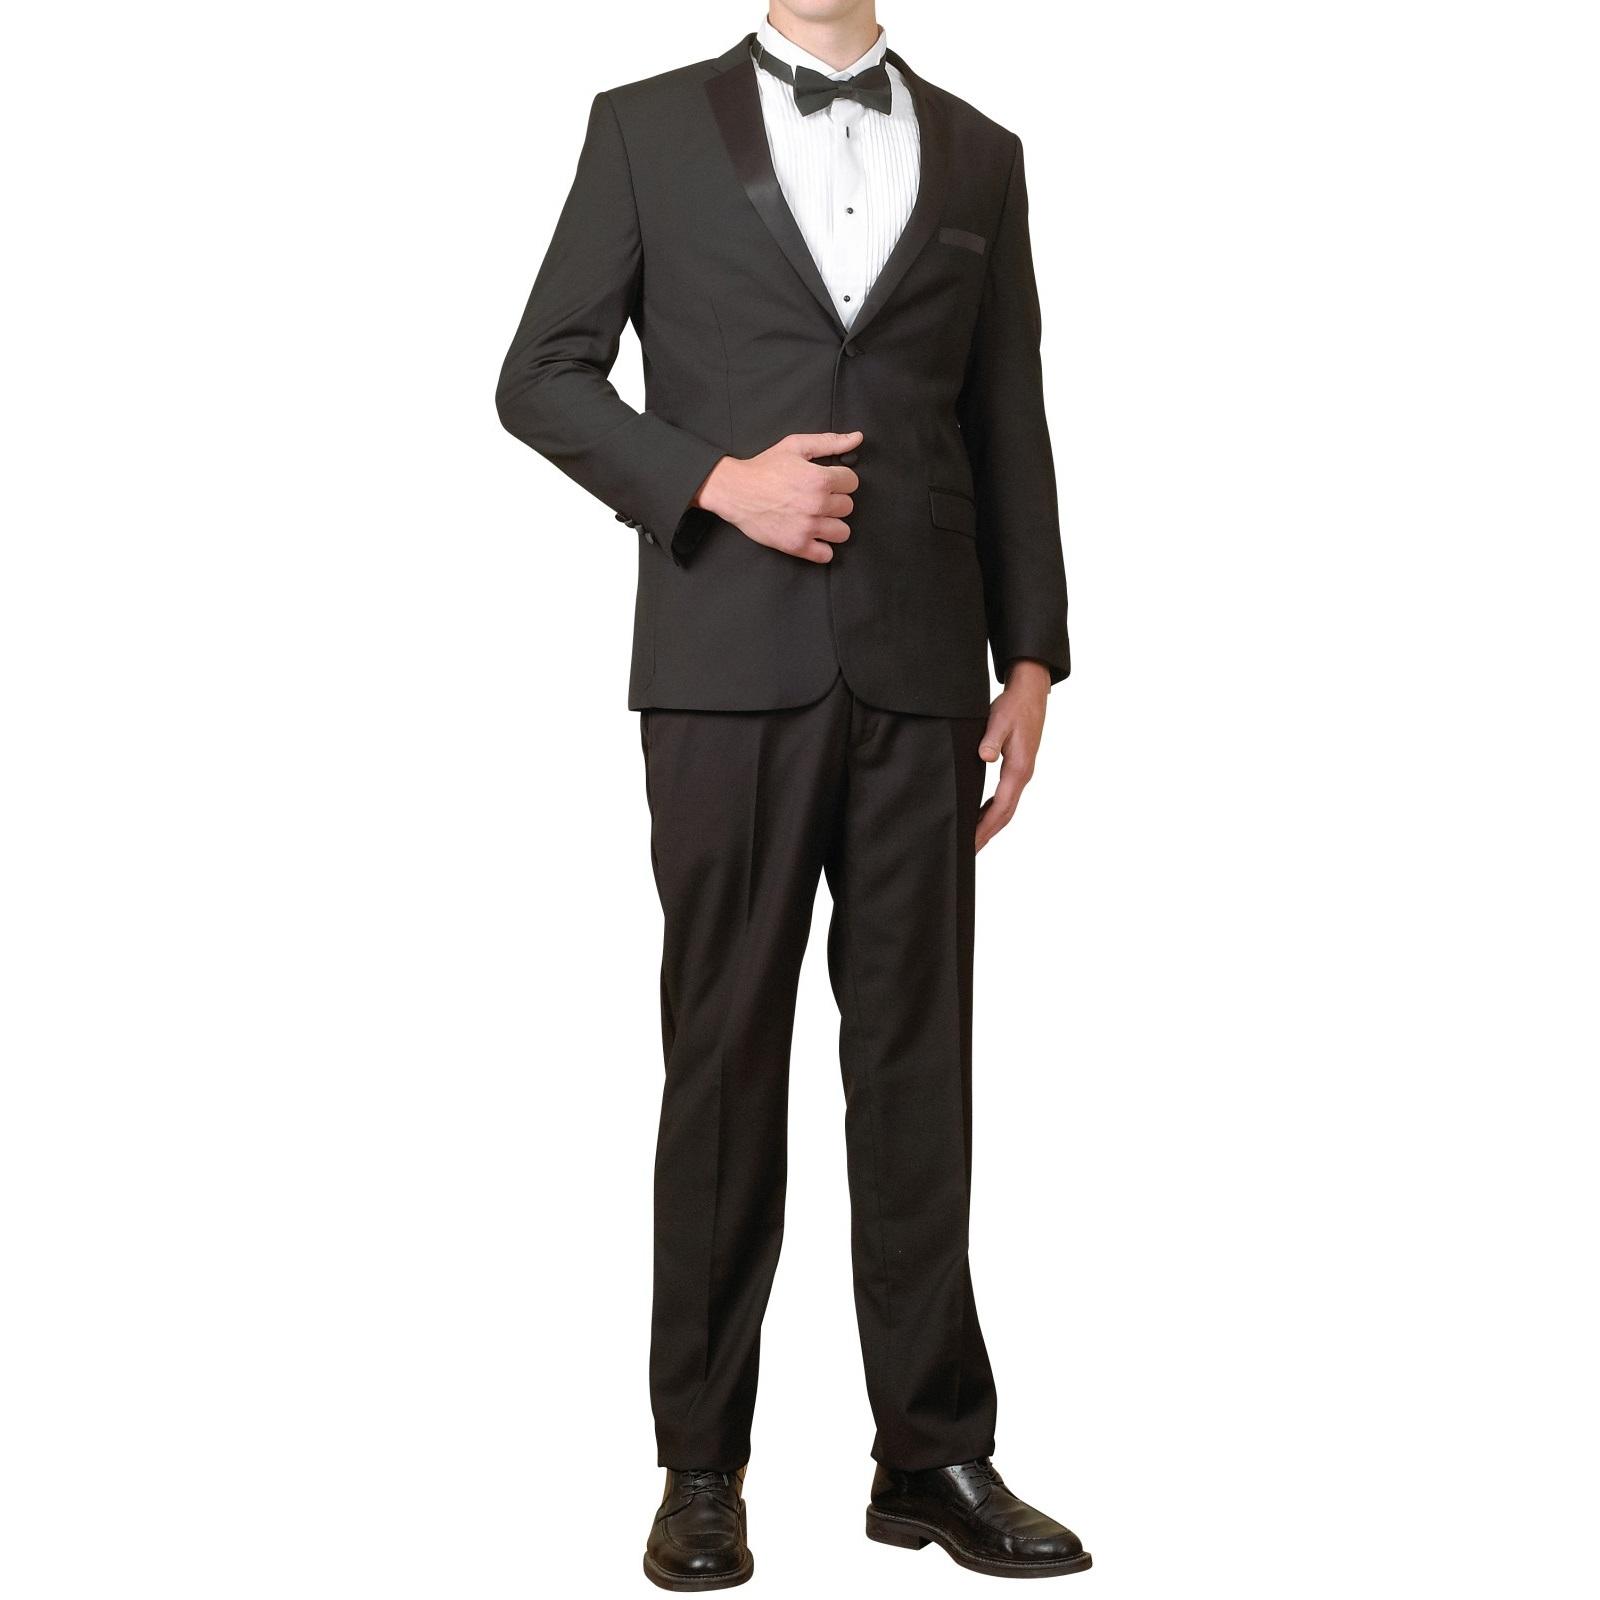 Men's White Tuxedo Suit - Includes Tux Jacket & Satin Str...